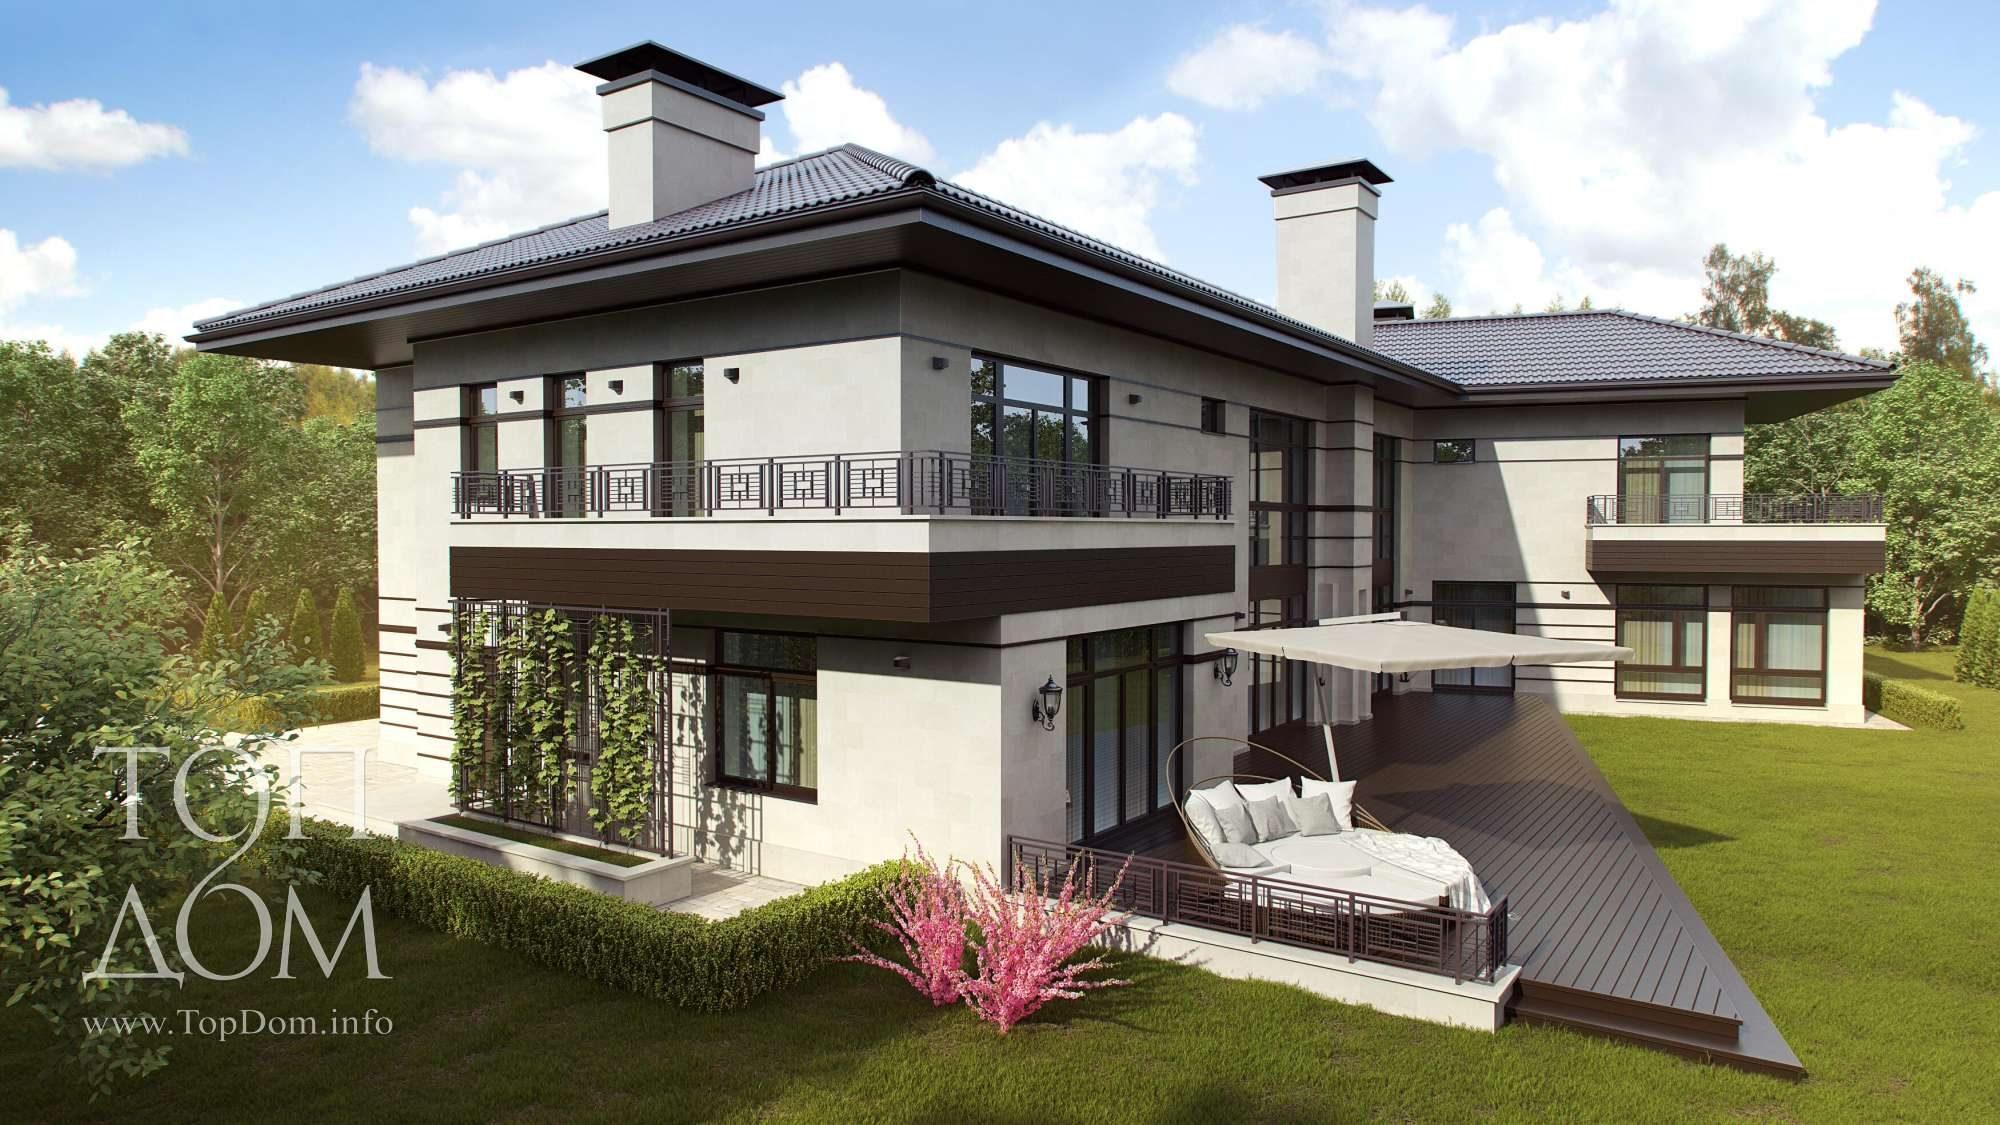 Возведение частного дома под ключ - 11 фото готового строите.